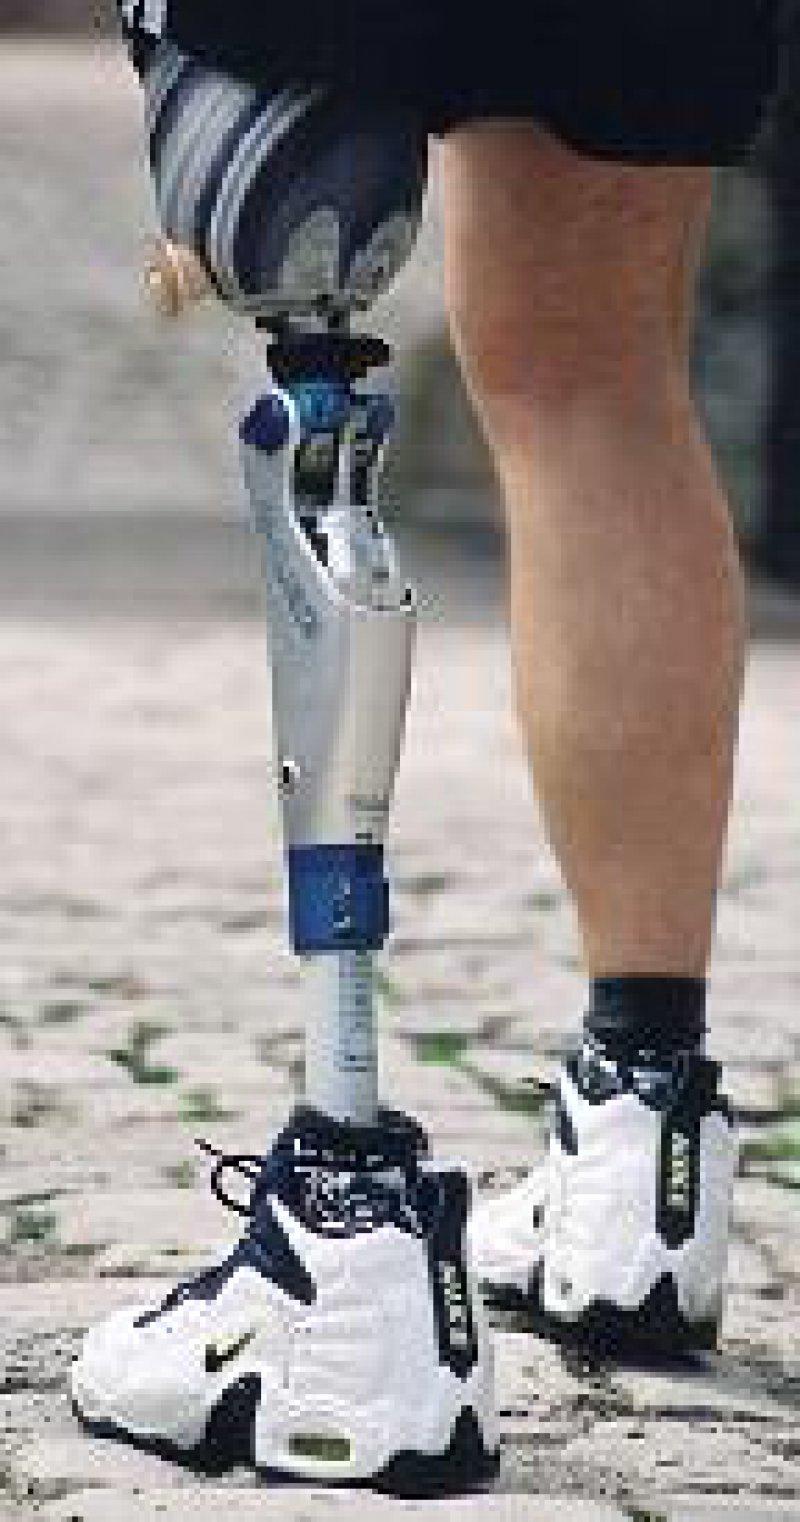 Die computergesteuerte Beinprothese C-Leg ermöglicht eine gleichmäßige Fortbewegung. Werkfoto